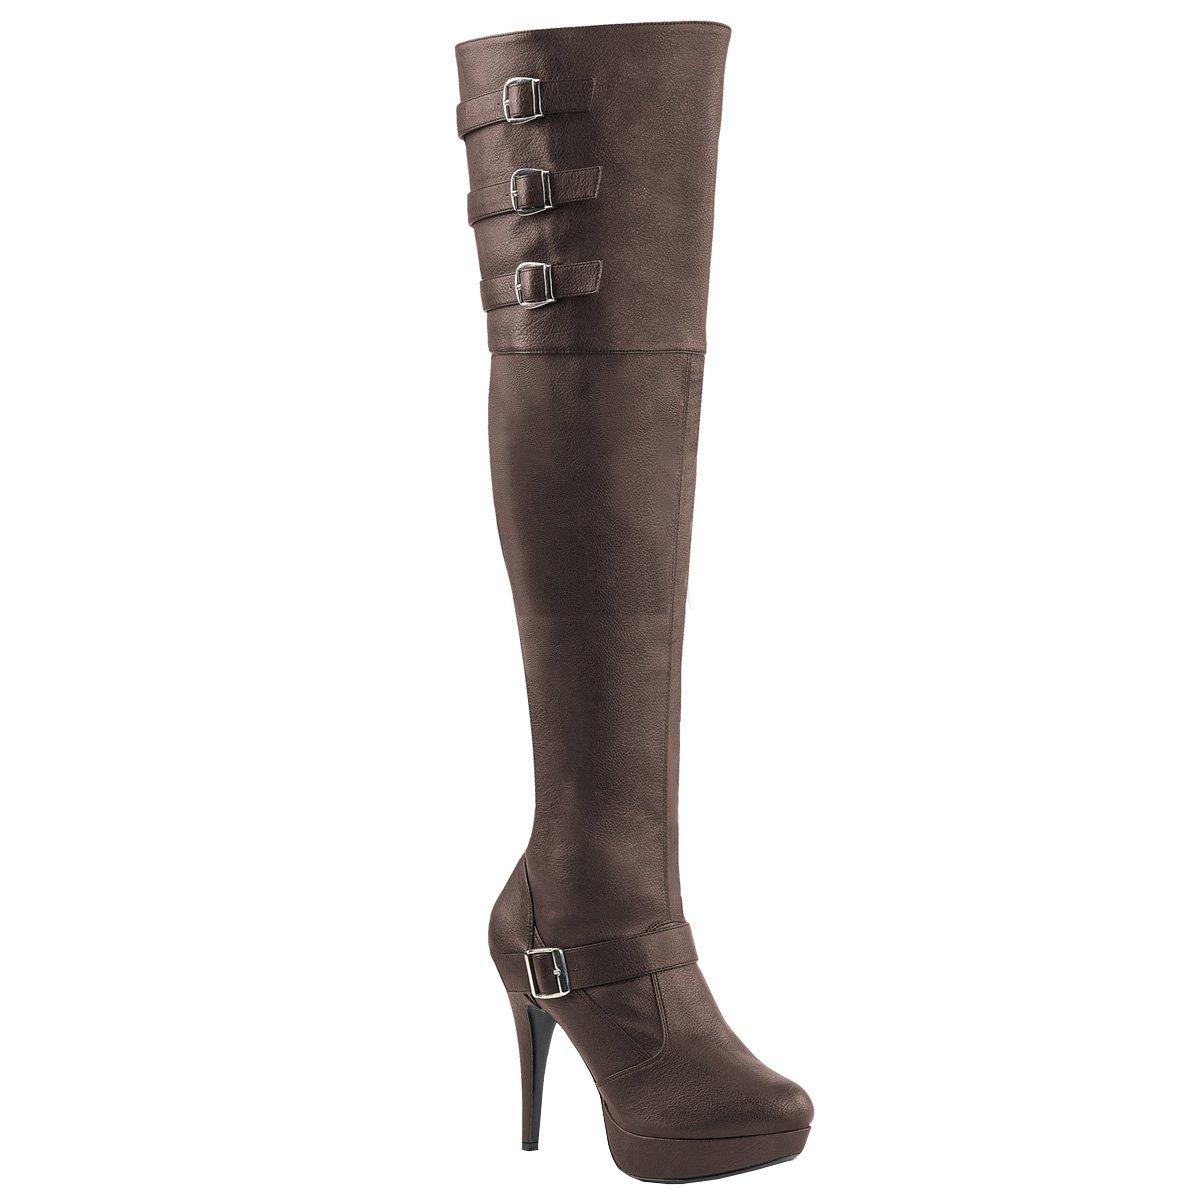 Higher-Heels Rosa Label Extra Weite Overknee Stiefel Chloe-308 braun Übergröße